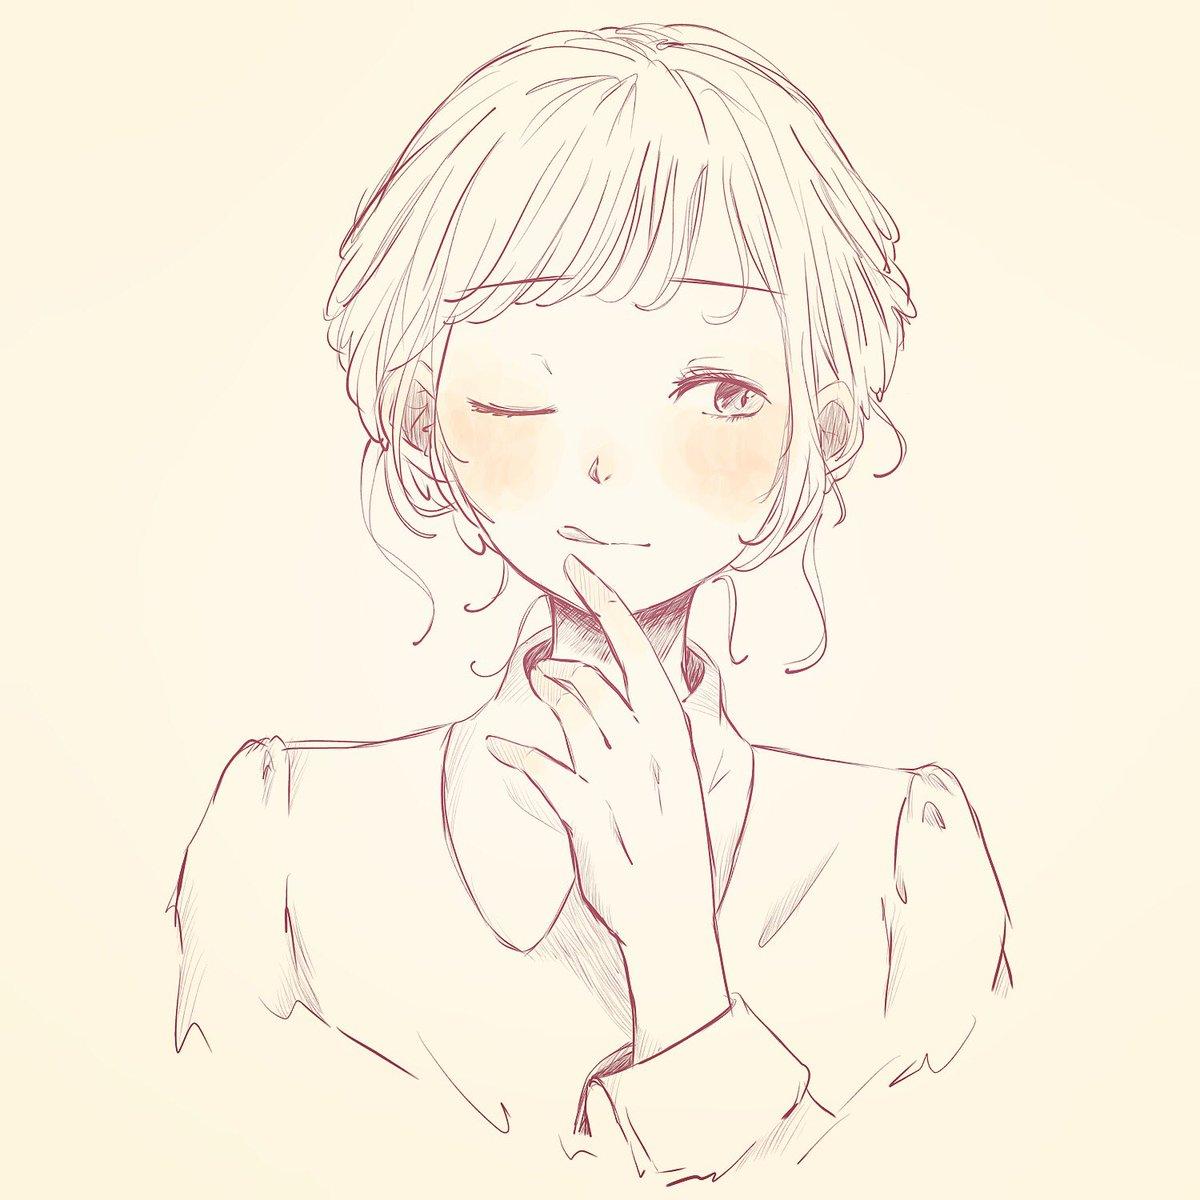 秋らしく 女の子 イラスト デジタル絵 デジタルイラスト アイビス